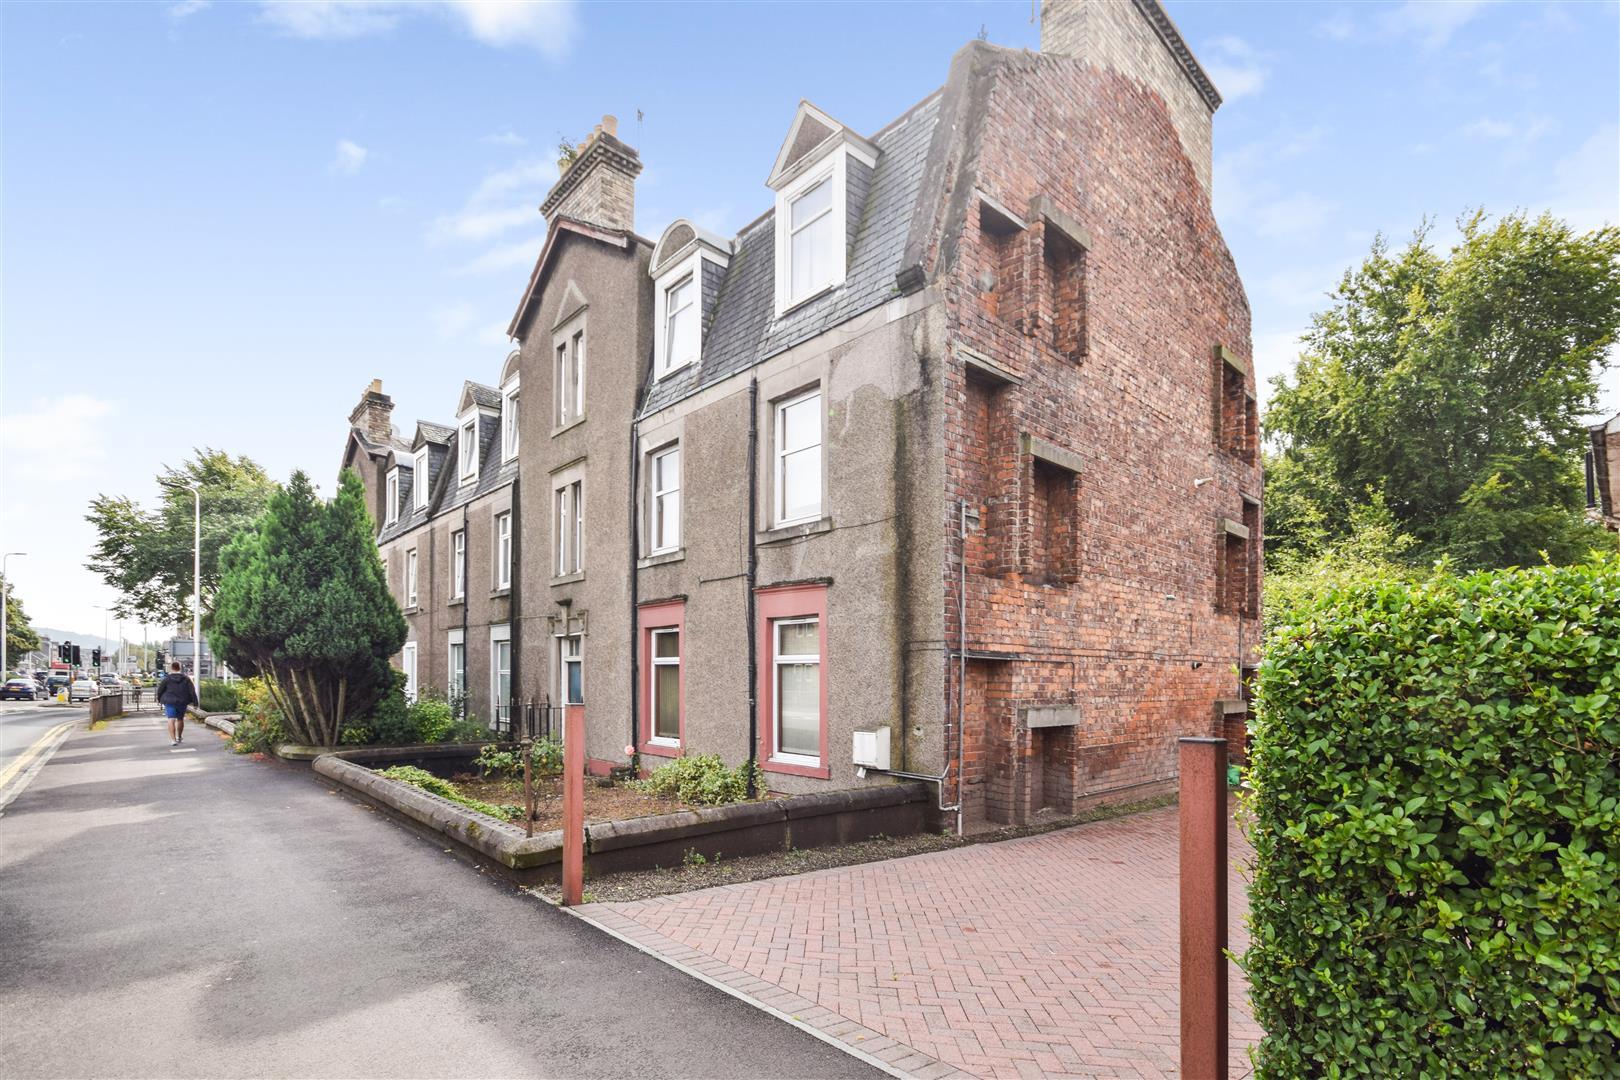 Flat 22, Leith Buildings, 30 Dunkeld Road, Perth, Perthshire, PH1 5AJ, UK